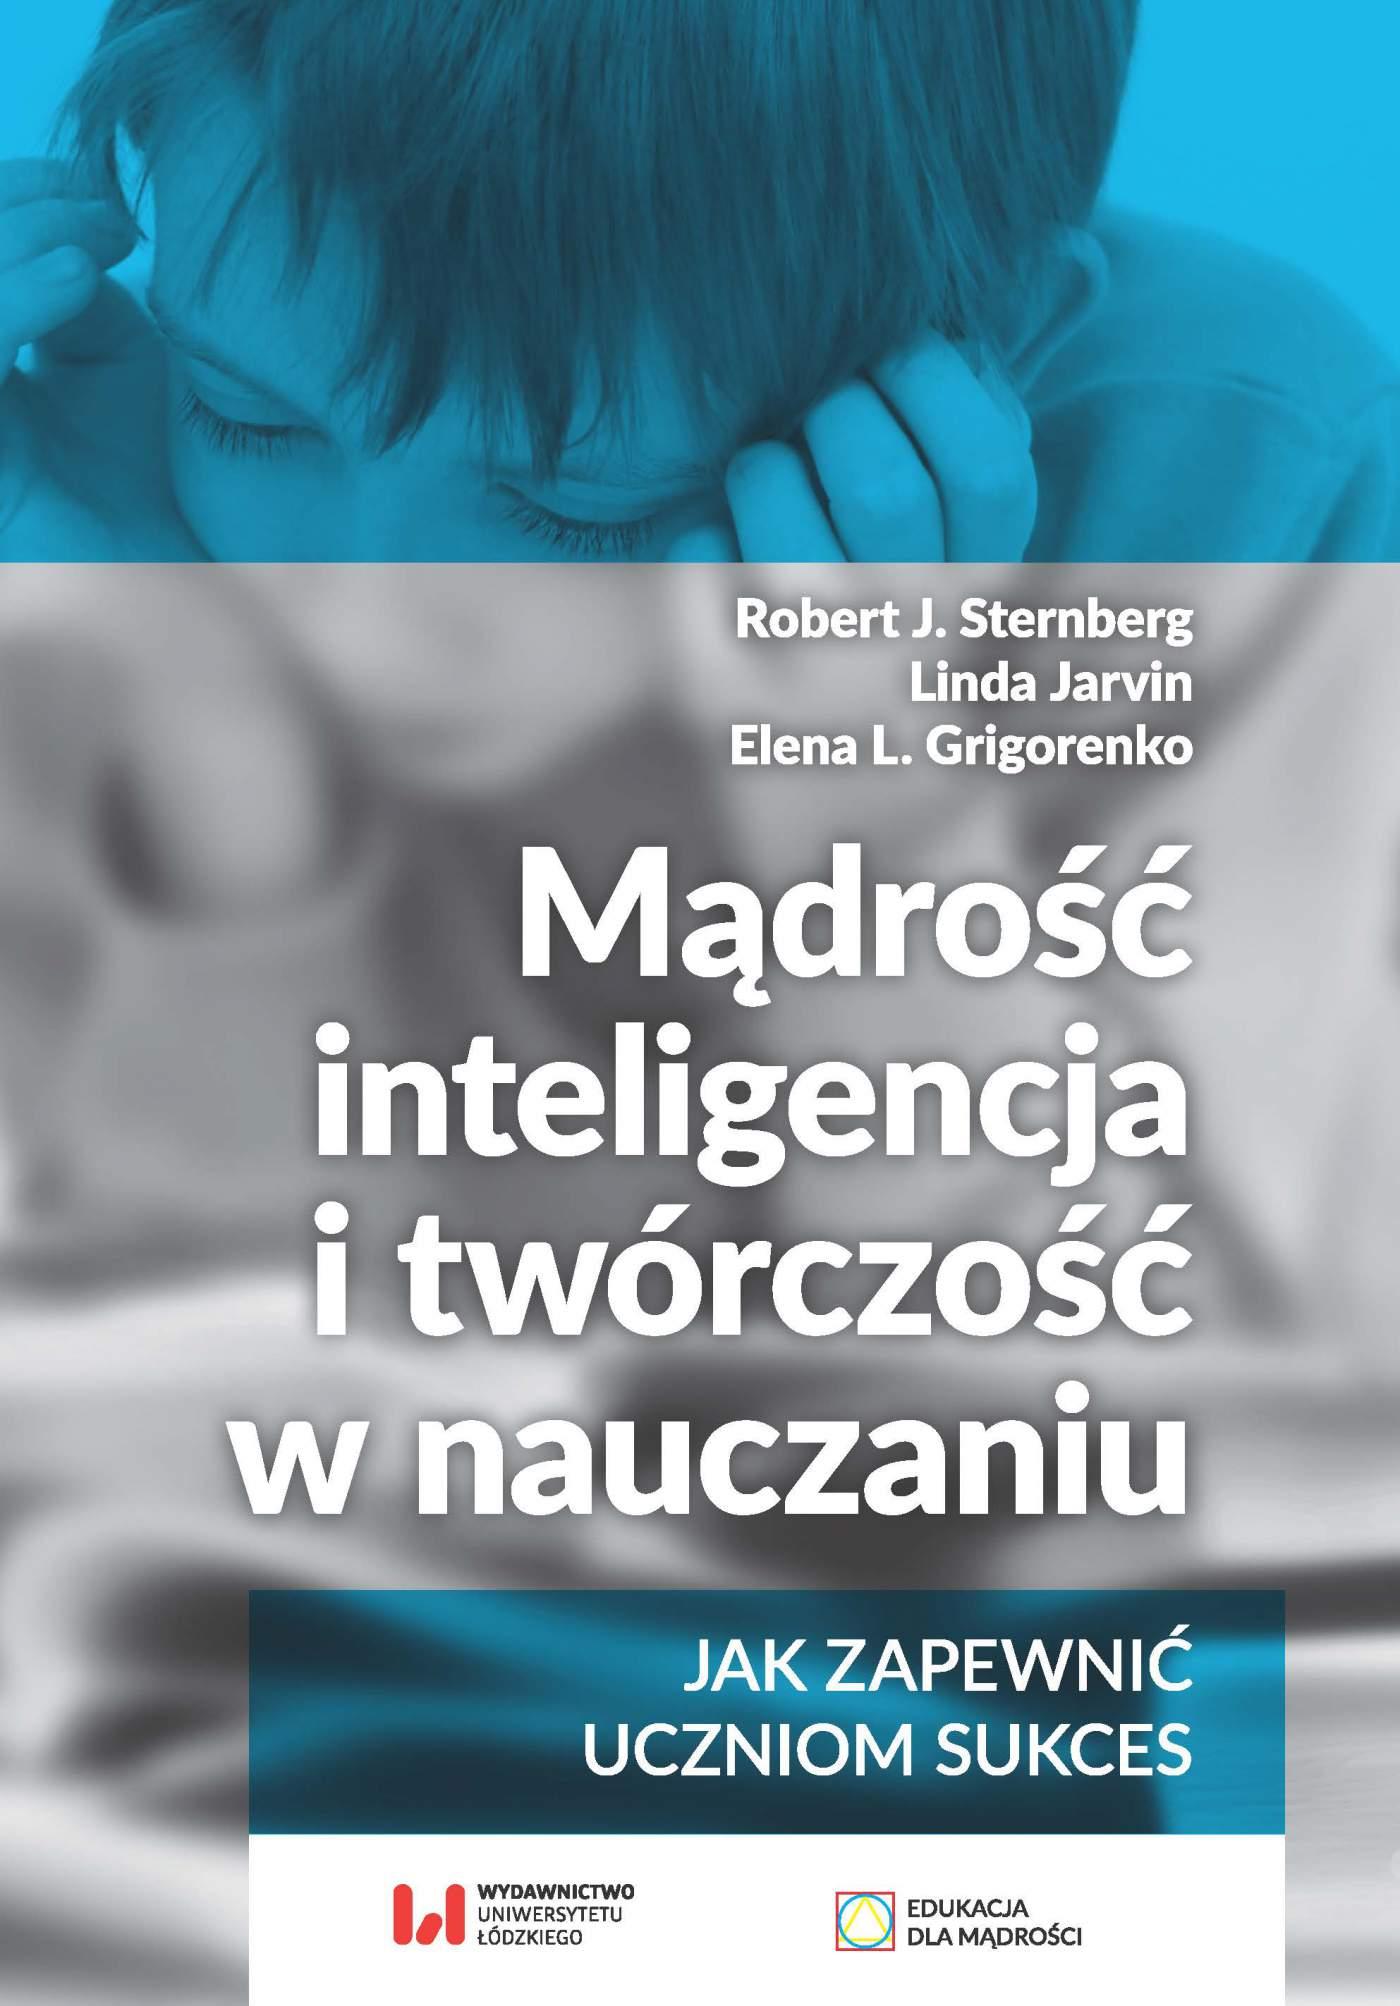 Mądrość, inteligencja i twórczość w nauczaniu. Jak zapewnić uczniom sukces - Ebook (Książka na Kindle) do pobrania w formacie MOBI